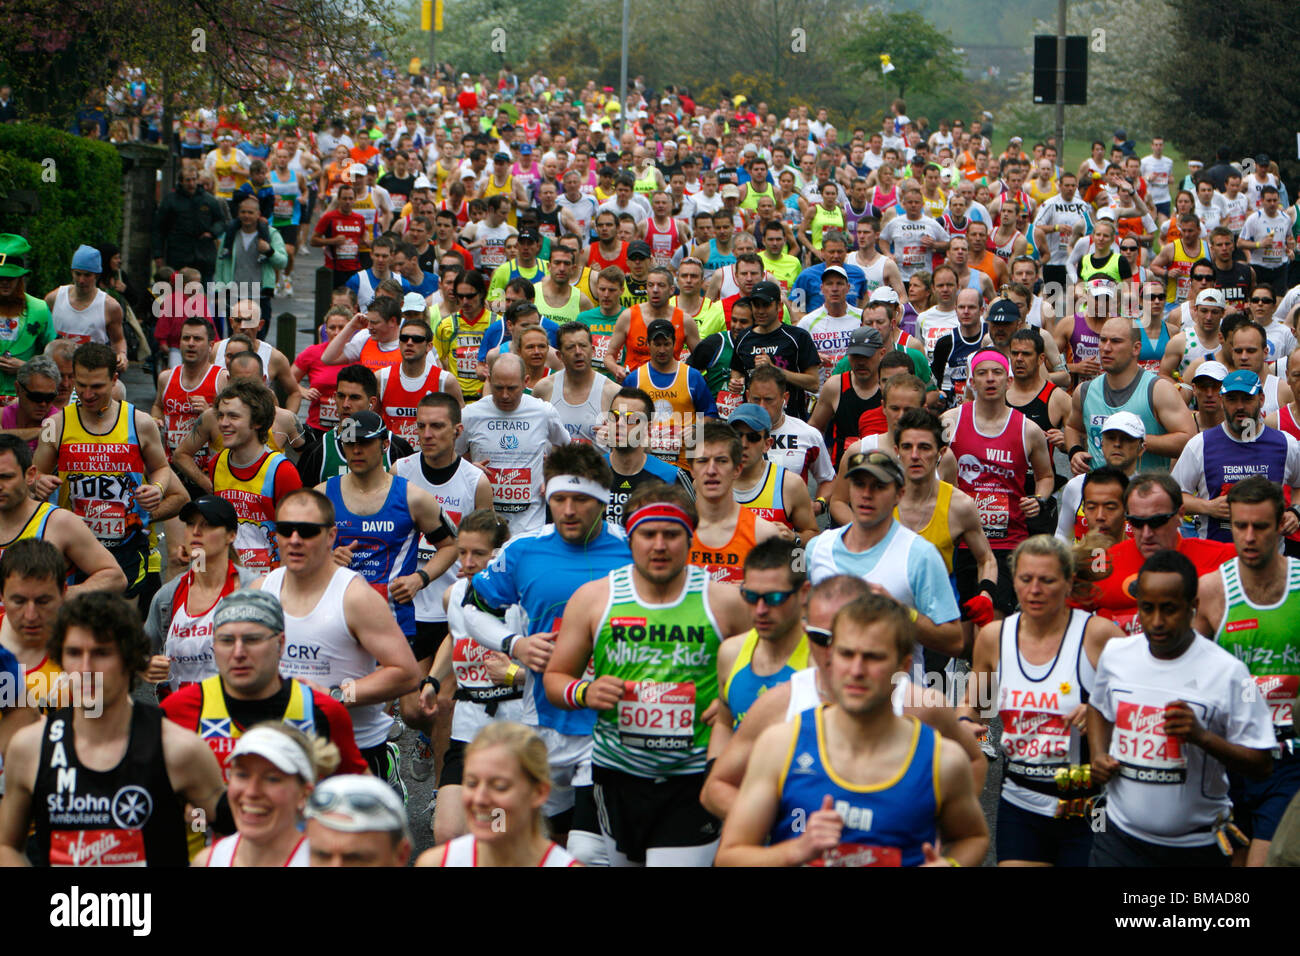 Londra corridori della maratona che corre lungo Charlton modo, Blackheath, London, Regno Unito Immagini Stock